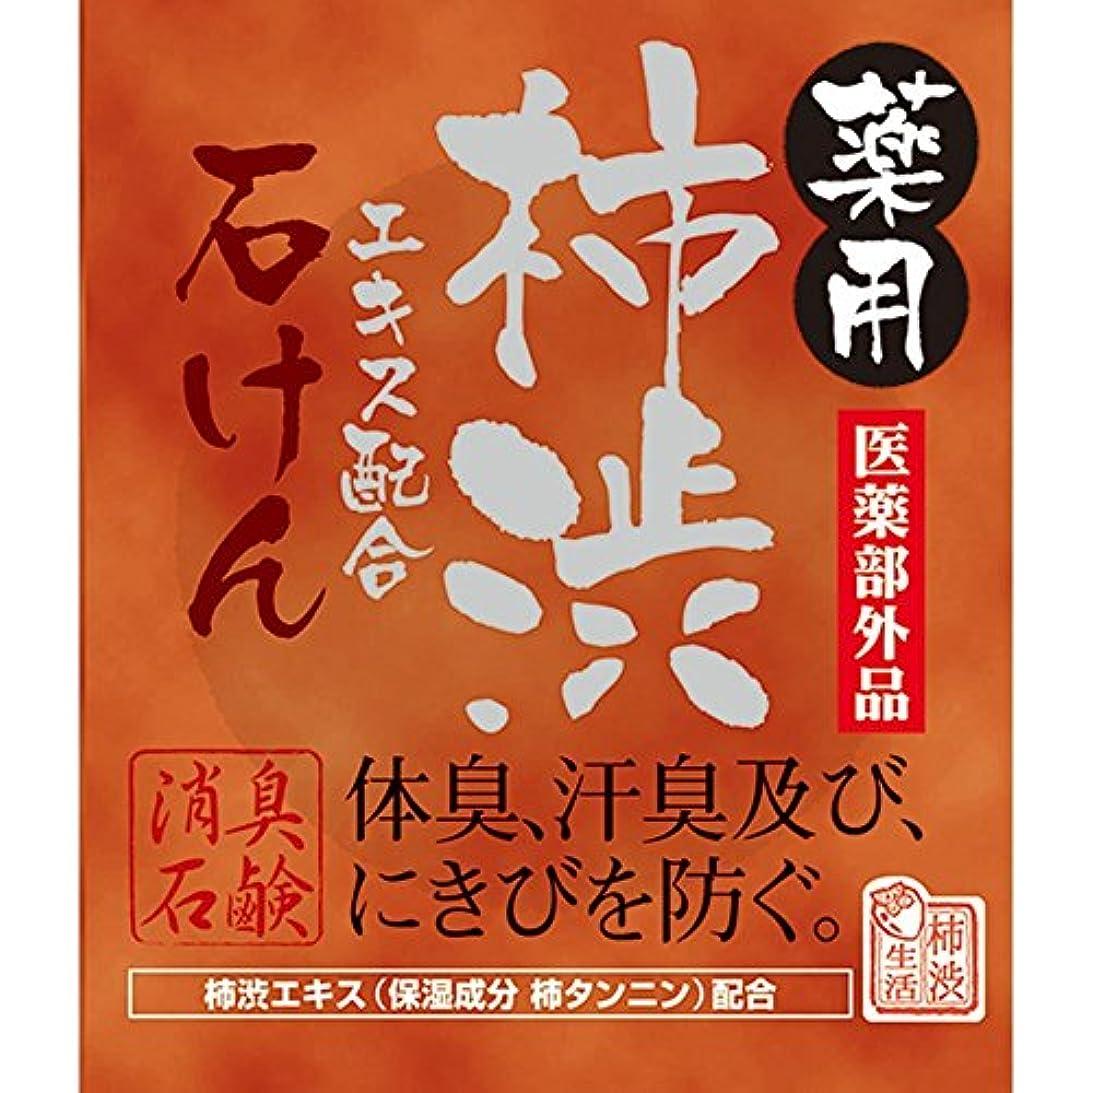 ログチャンス建築家薬用柿渋石けん 100g[医薬部外品]